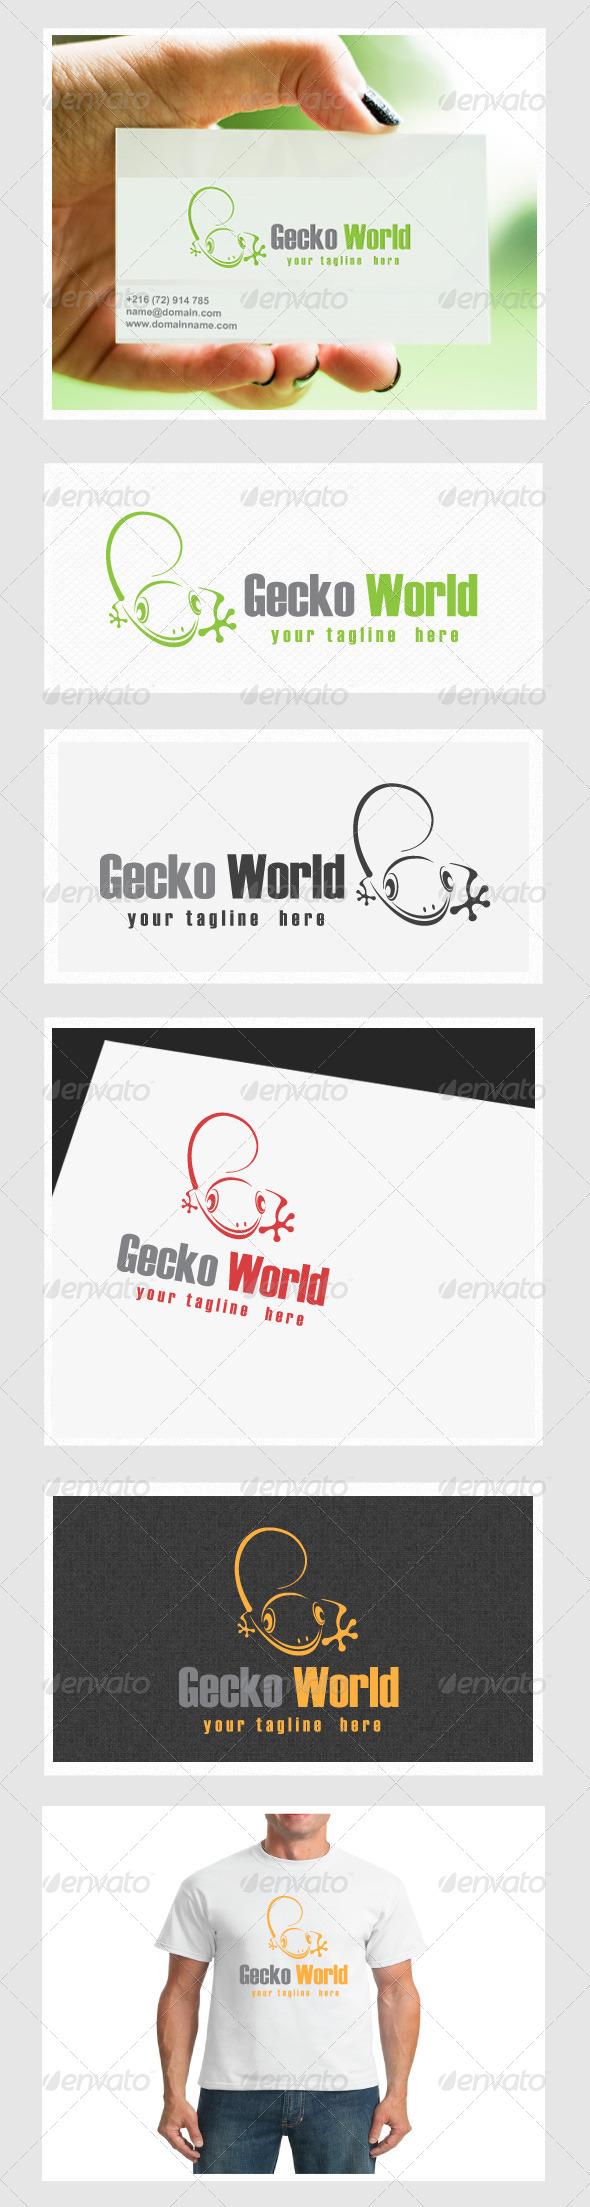 GraphicRiver Gecko World 4408362